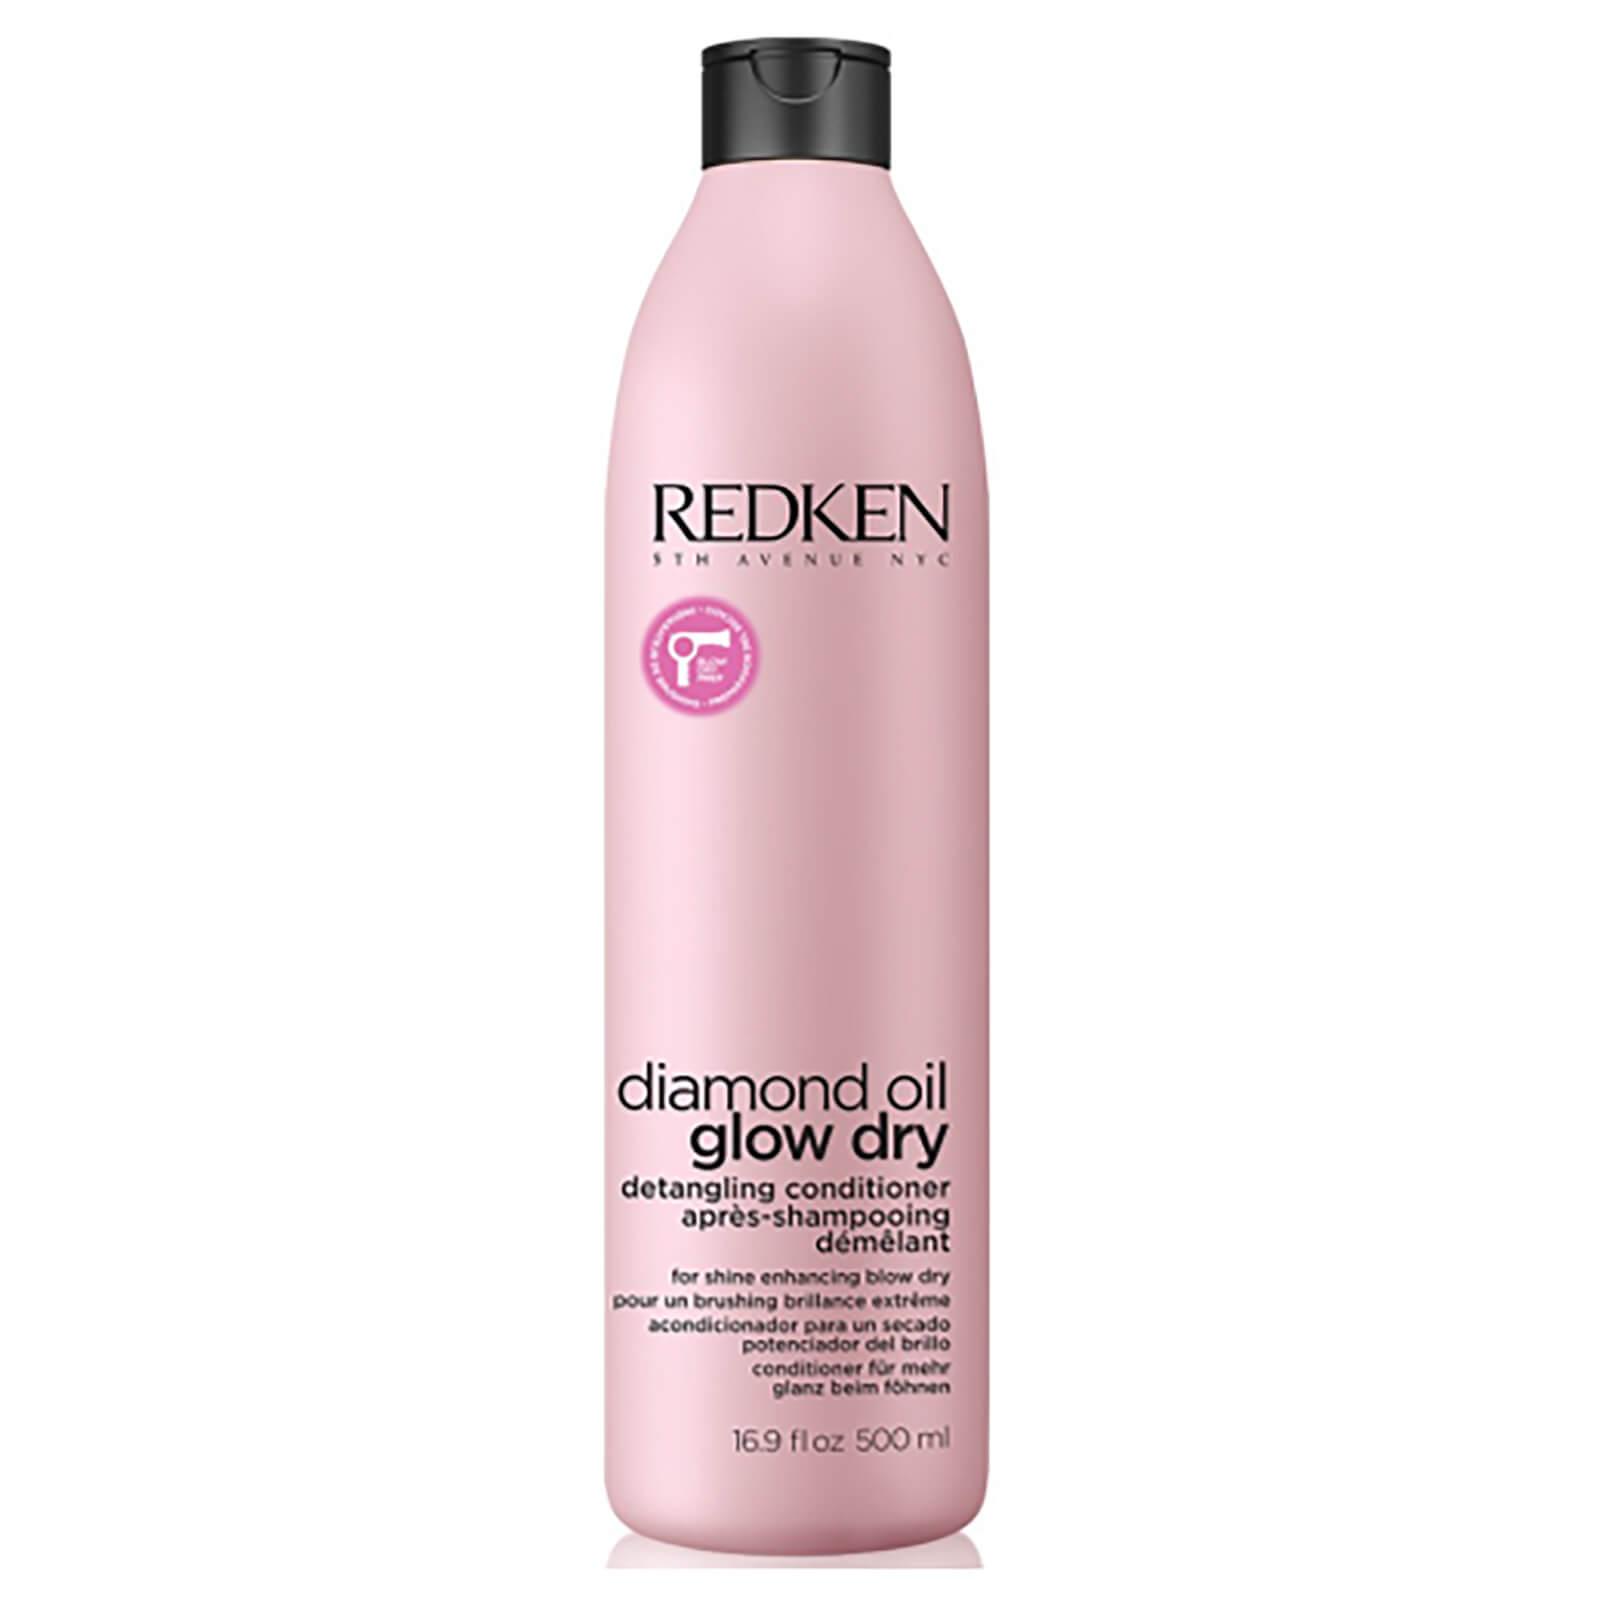 Redken Après-Shampooing Diamond Oil Glow Dry Redken 500ml